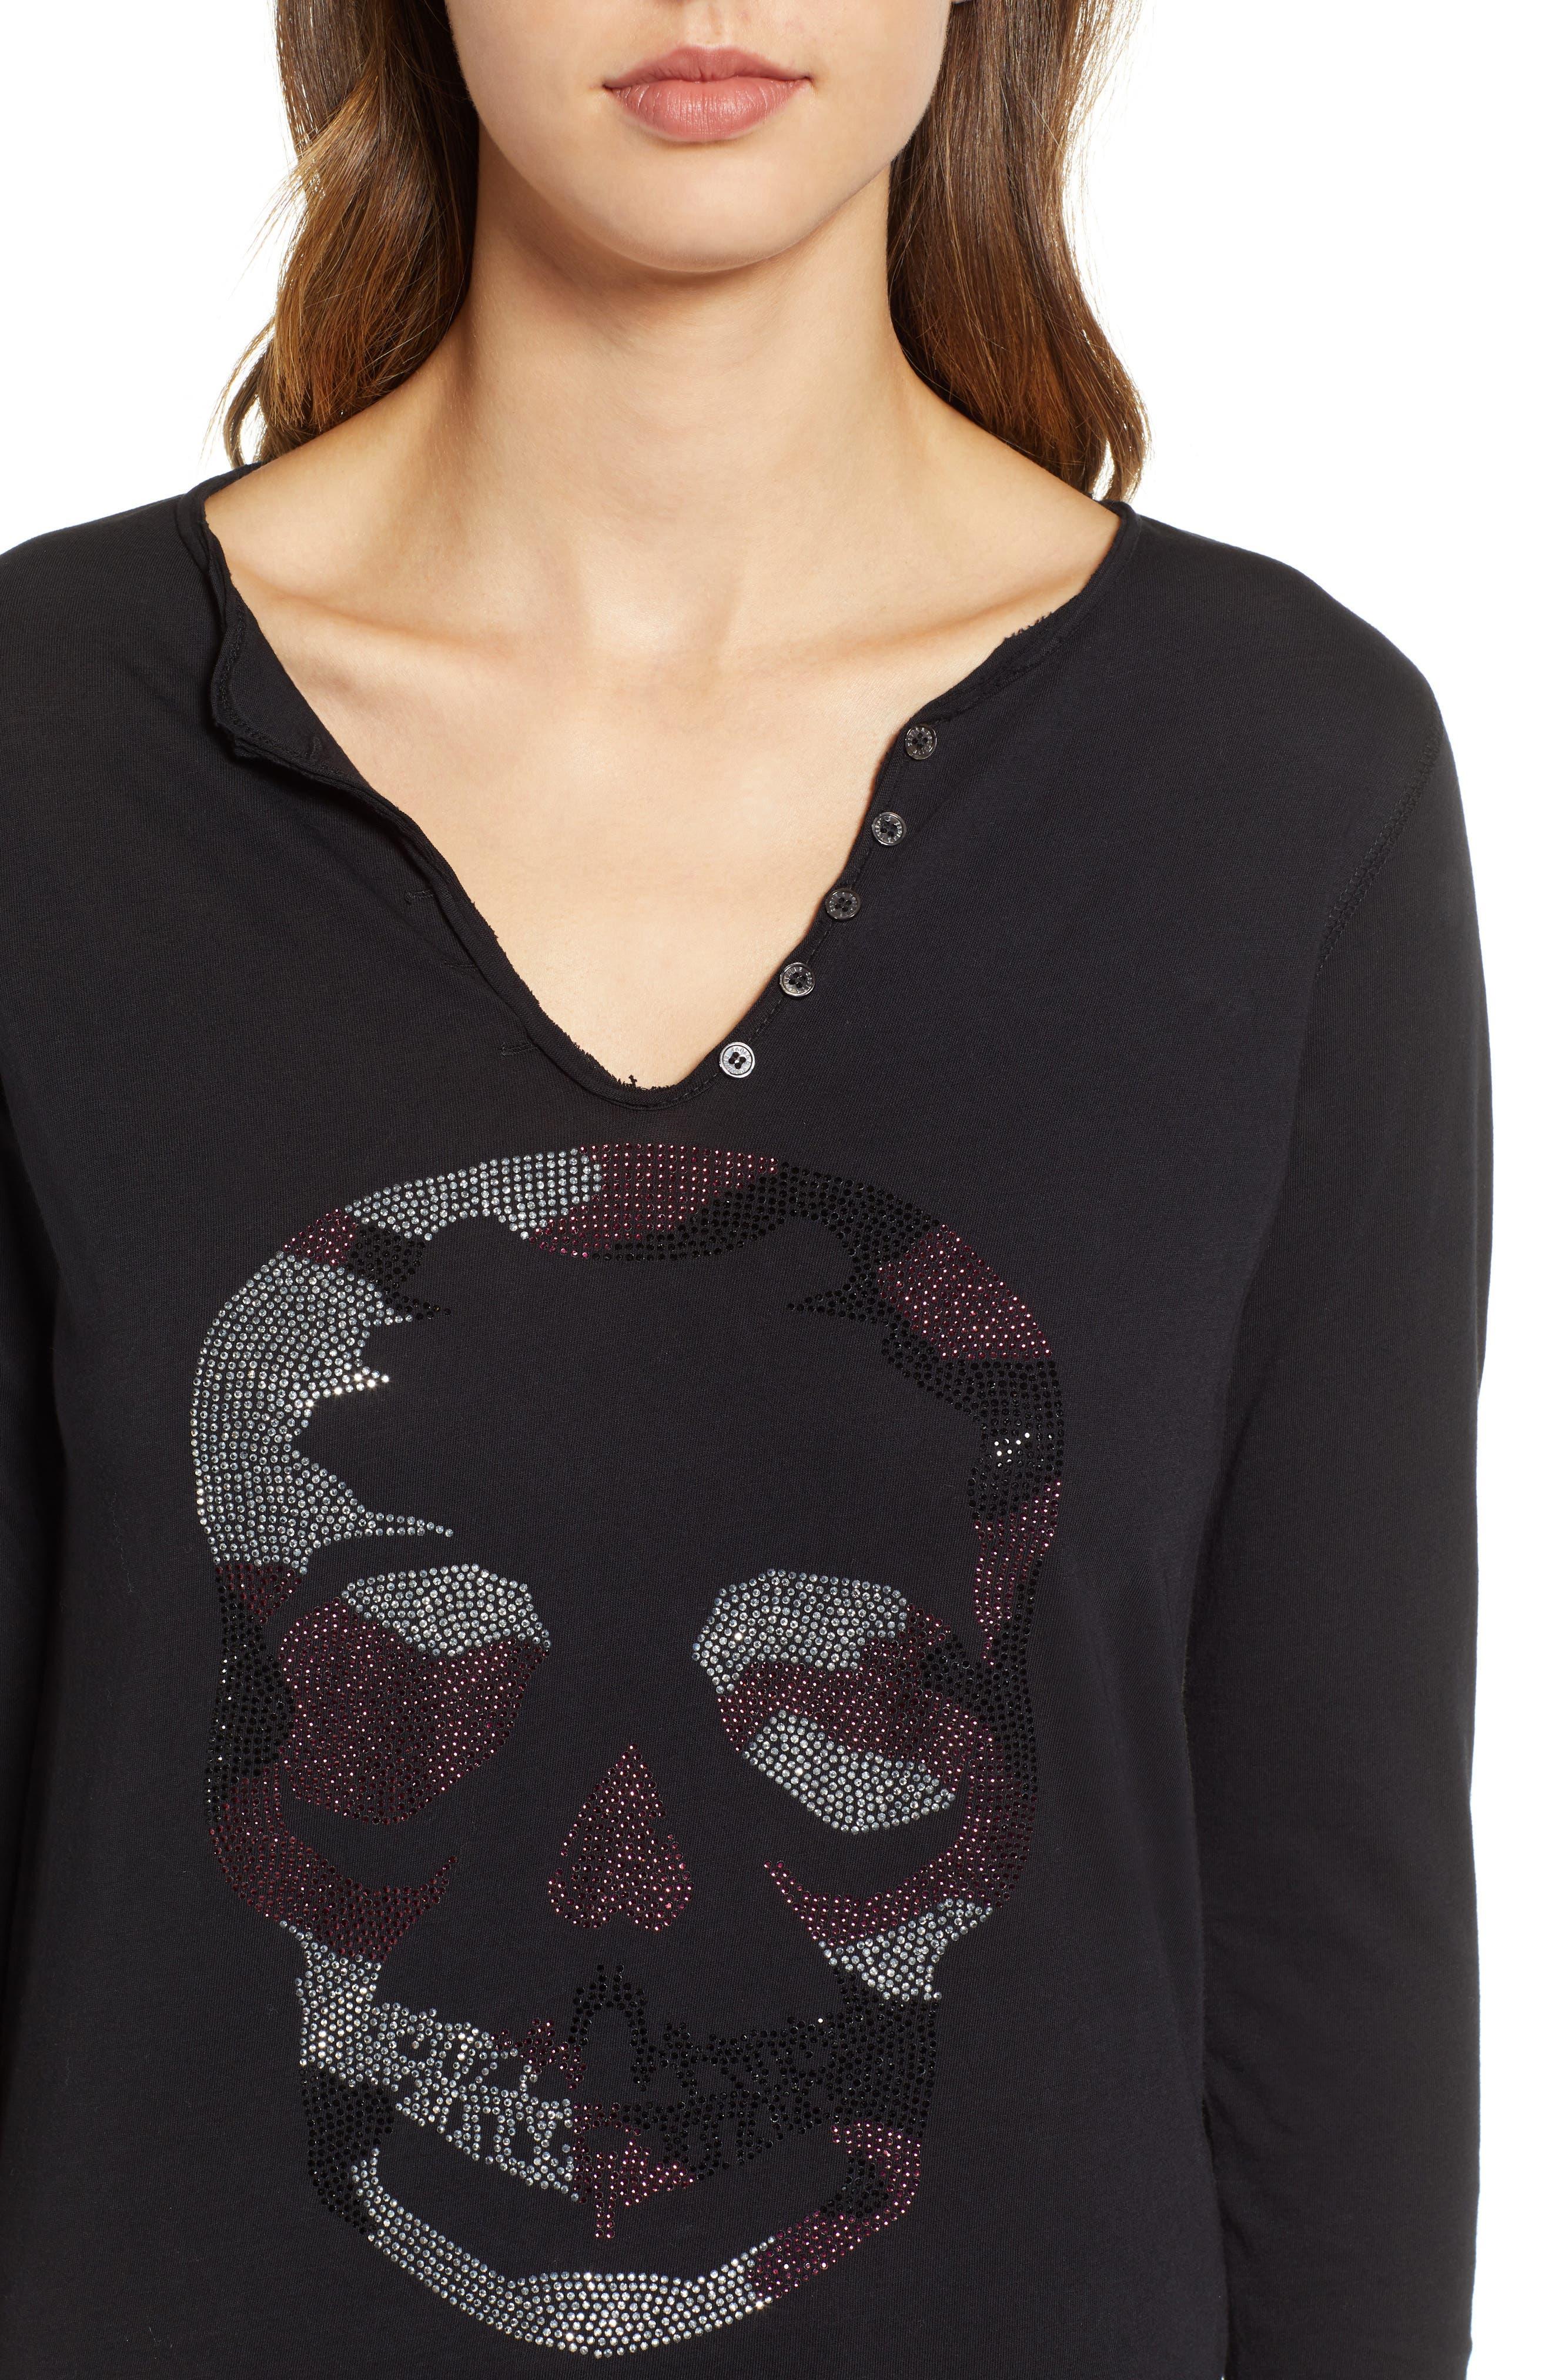 Tunisien Skull Shirt,                             Alternate thumbnail 4, color,                             NOIR